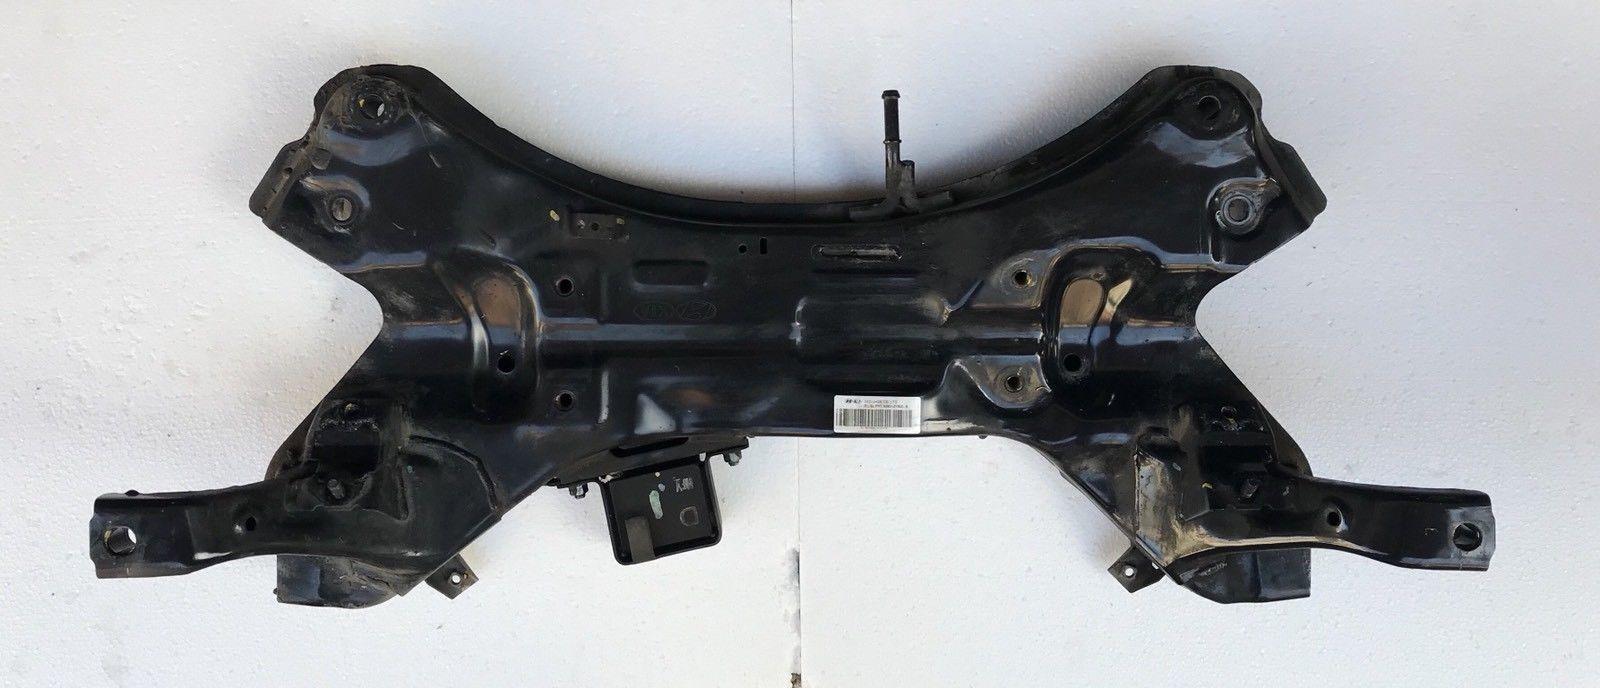 Culla Motore Kia Sportage Anno 2012 Originale